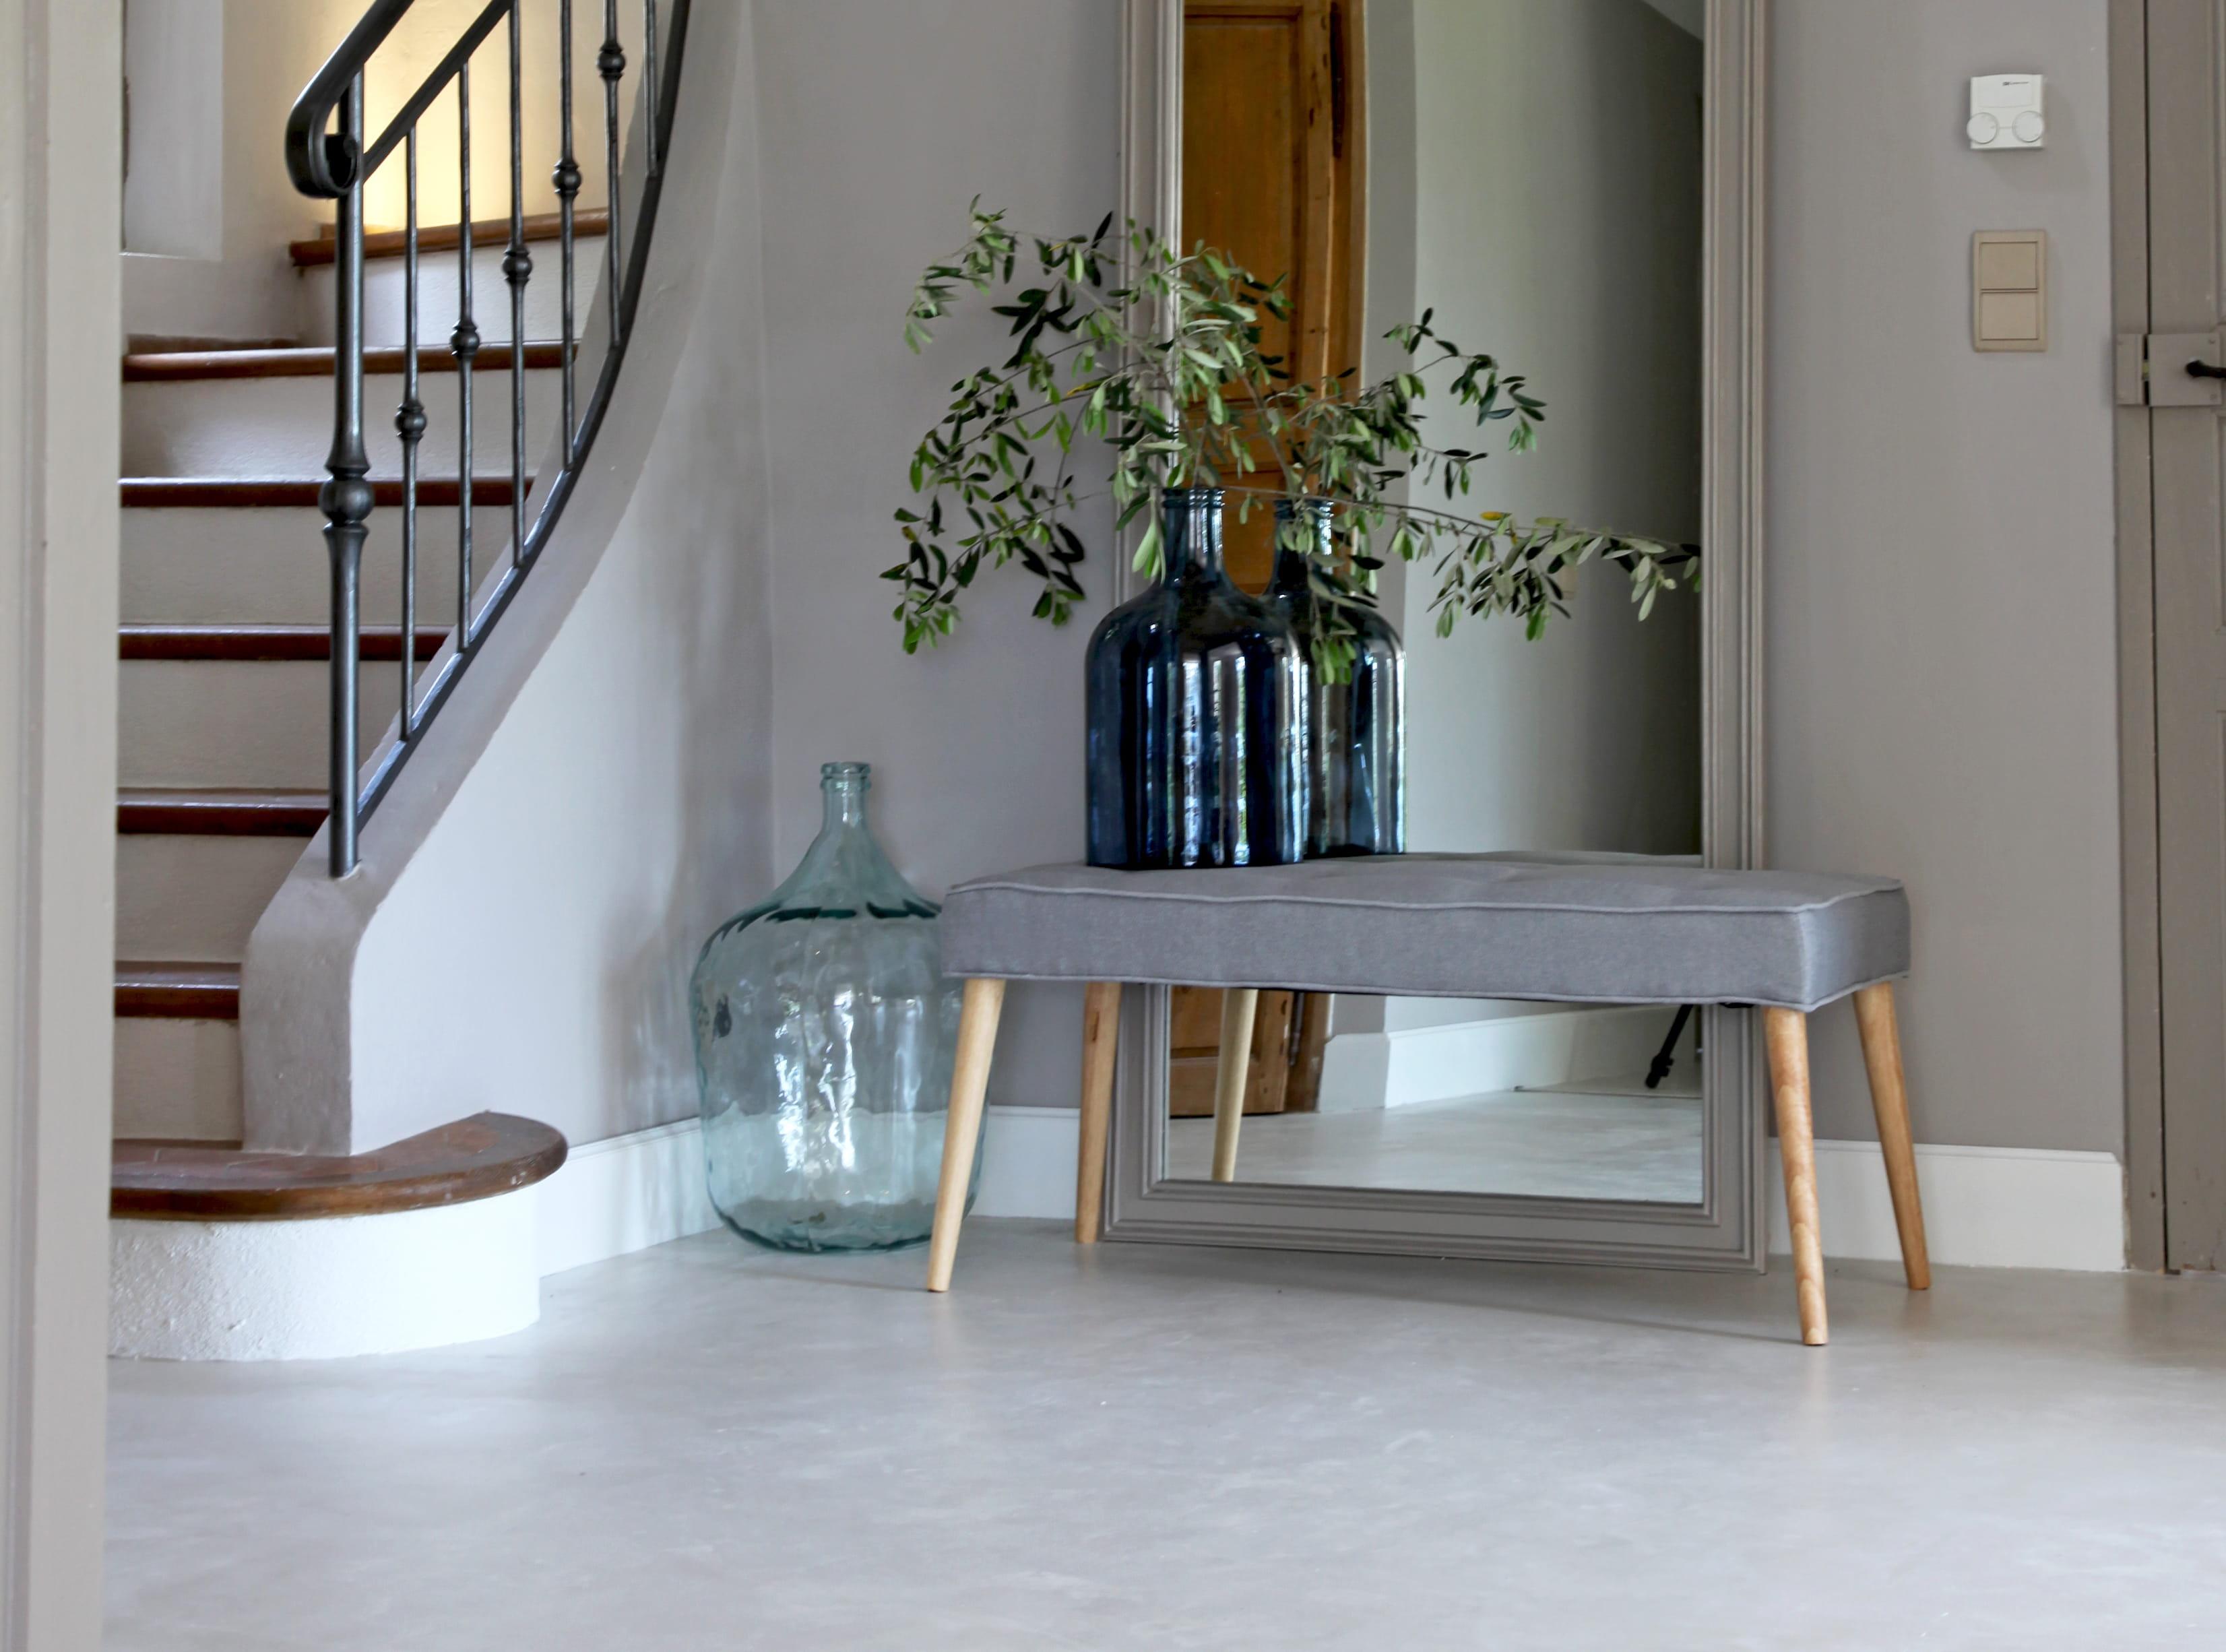 le truc chiner la dame jeanne. Black Bedroom Furniture Sets. Home Design Ideas